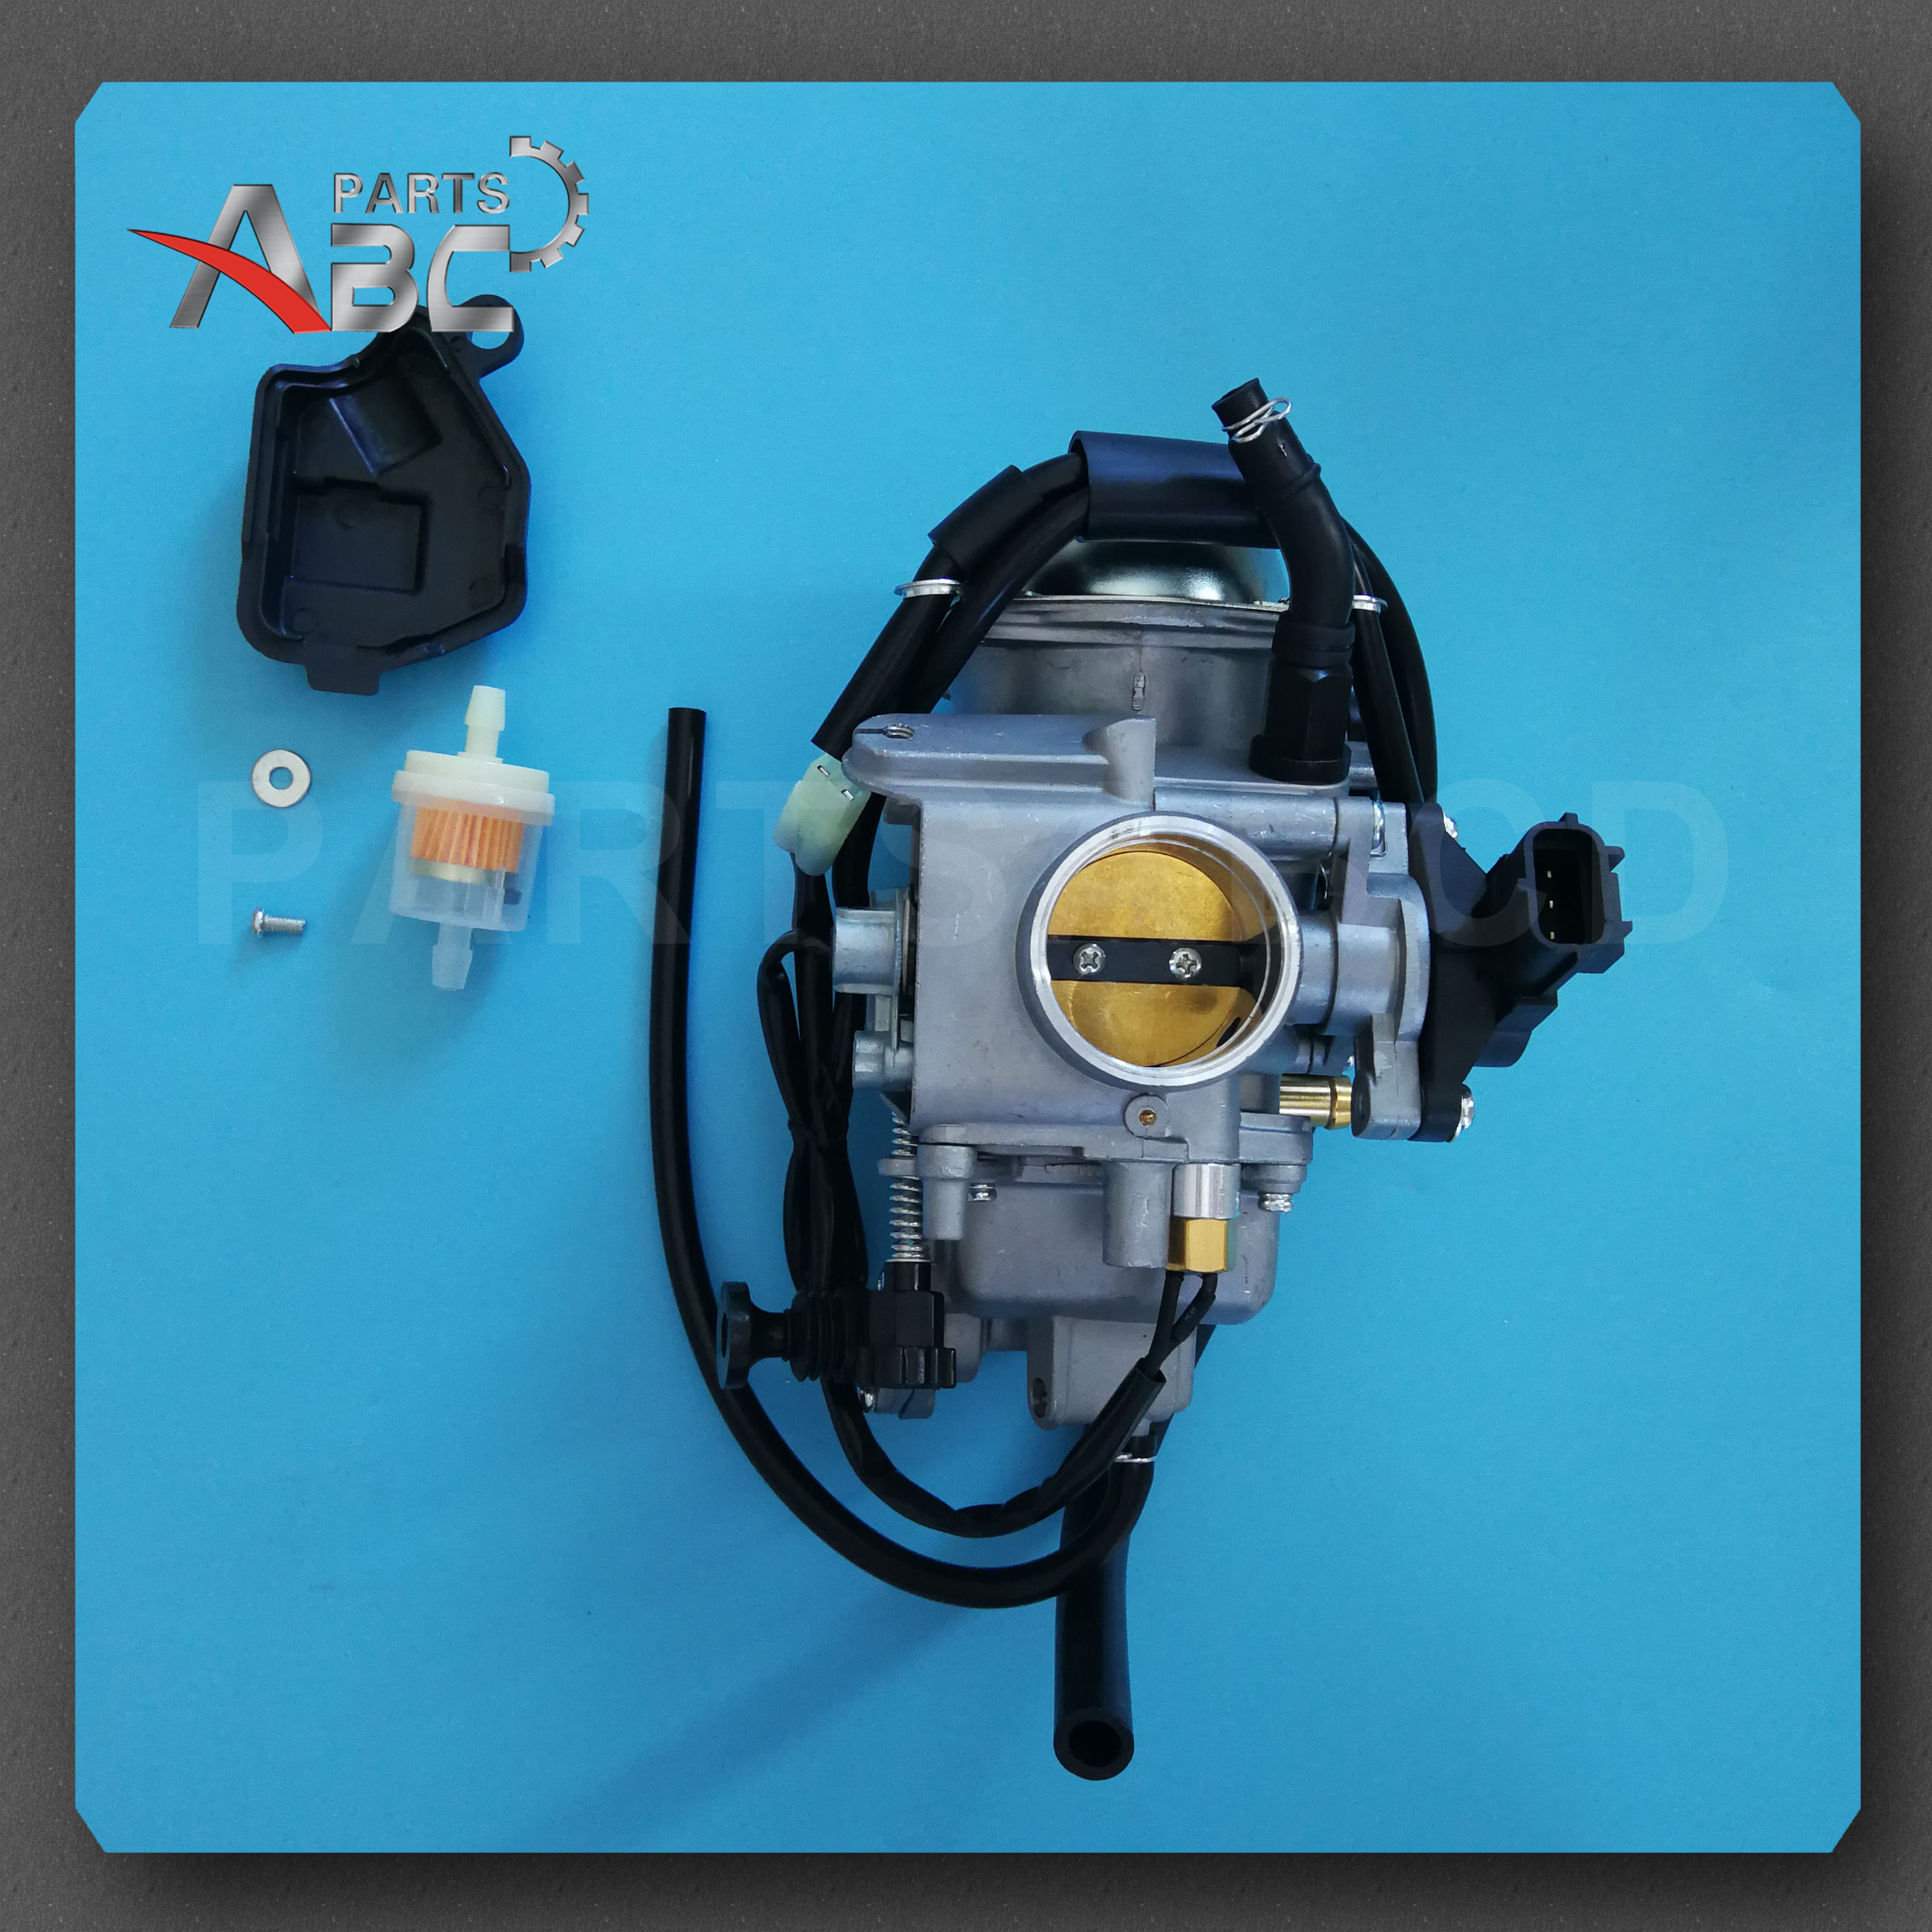 Carburador Para Foreman Rubicon 500 TRX500FA TRX500FGA TRX500FPA 2001-2014 Carb